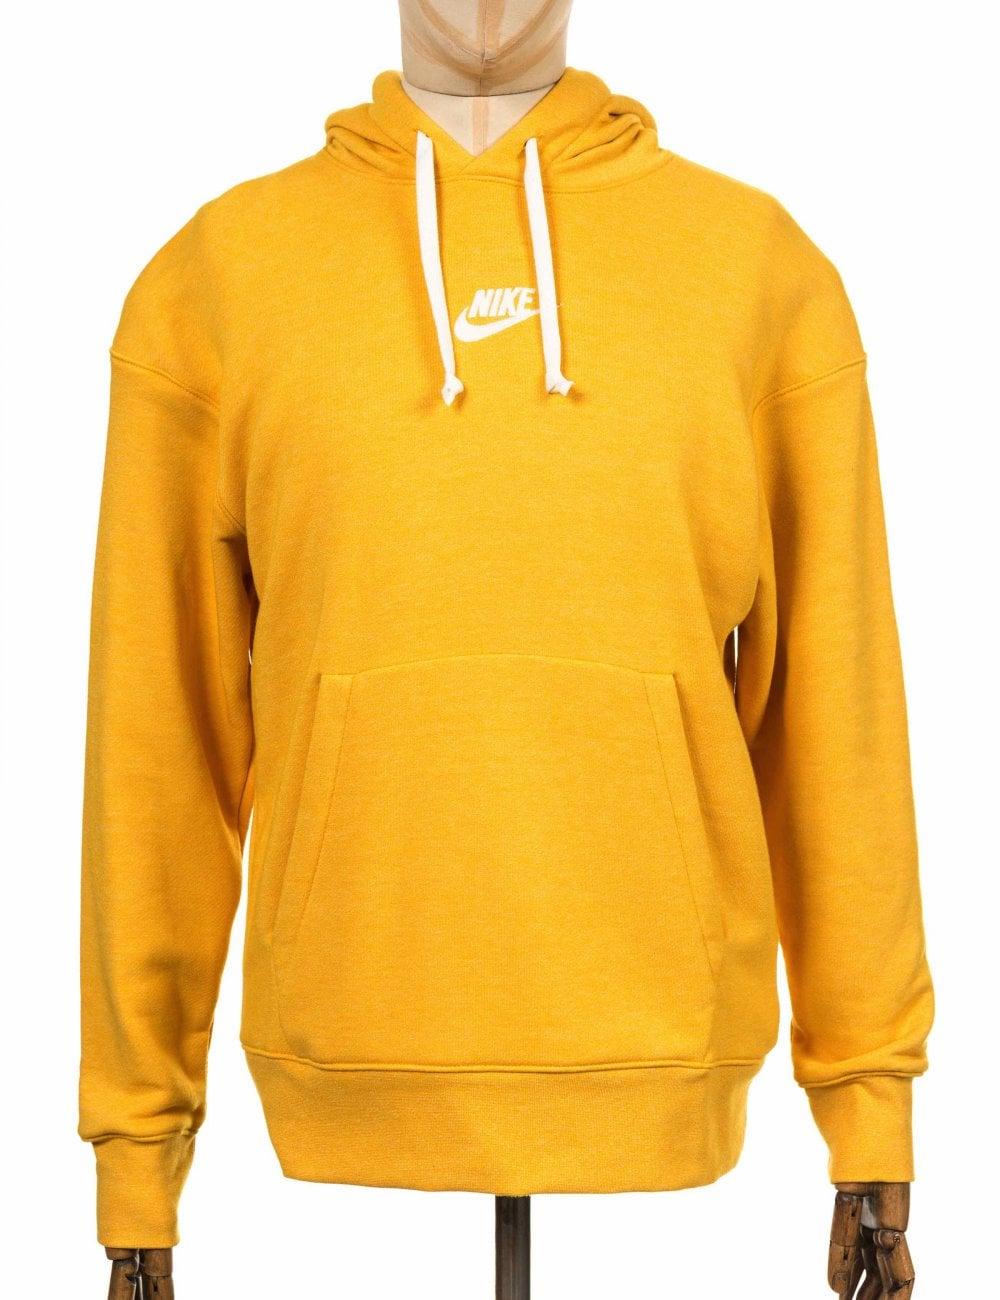 NSW Heritage Hooded Sweatshirt Yellow Ochre Heather